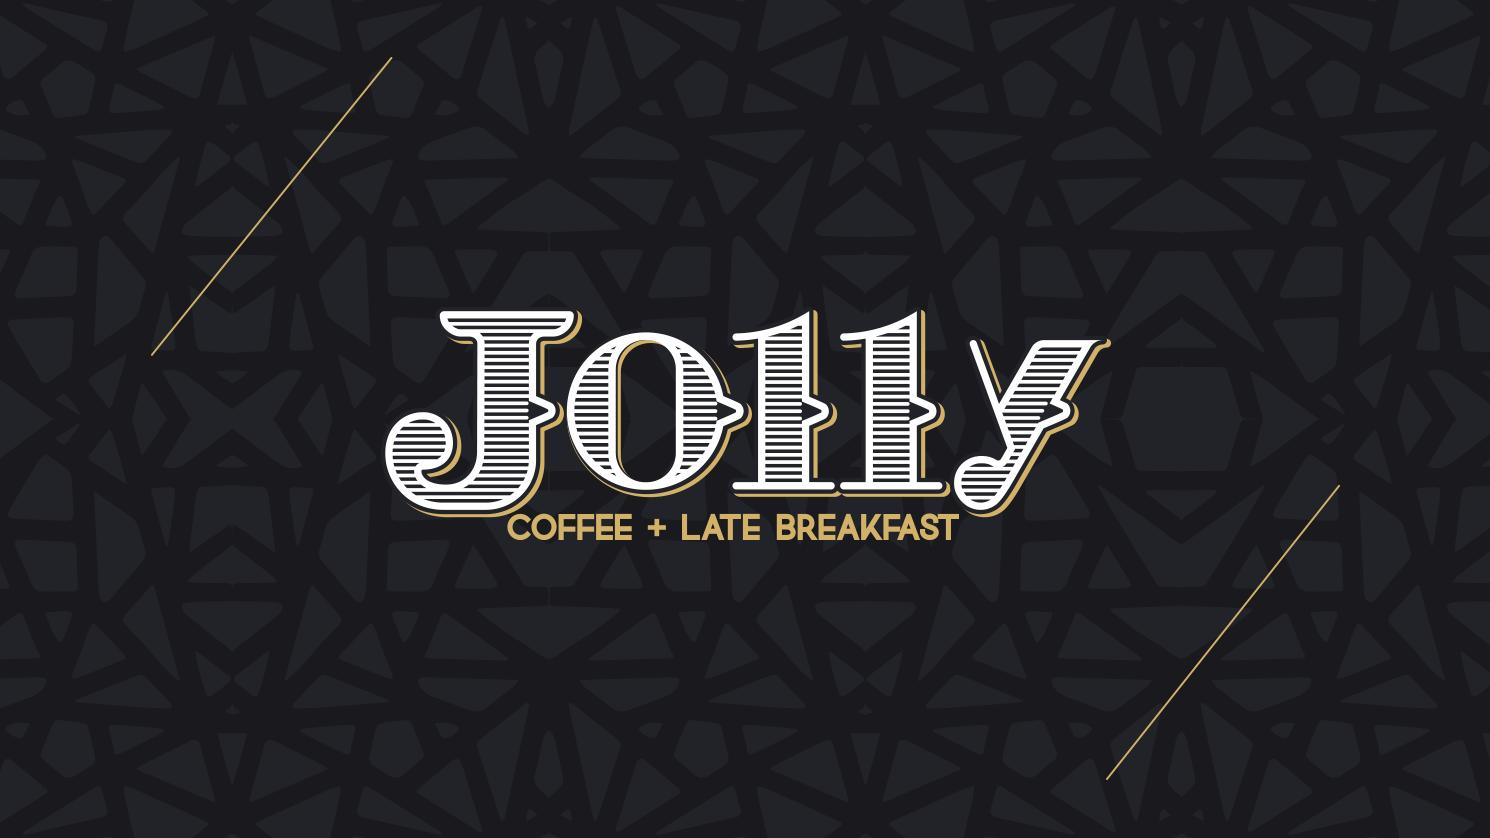 Jolly Coffee + Late Breakfast